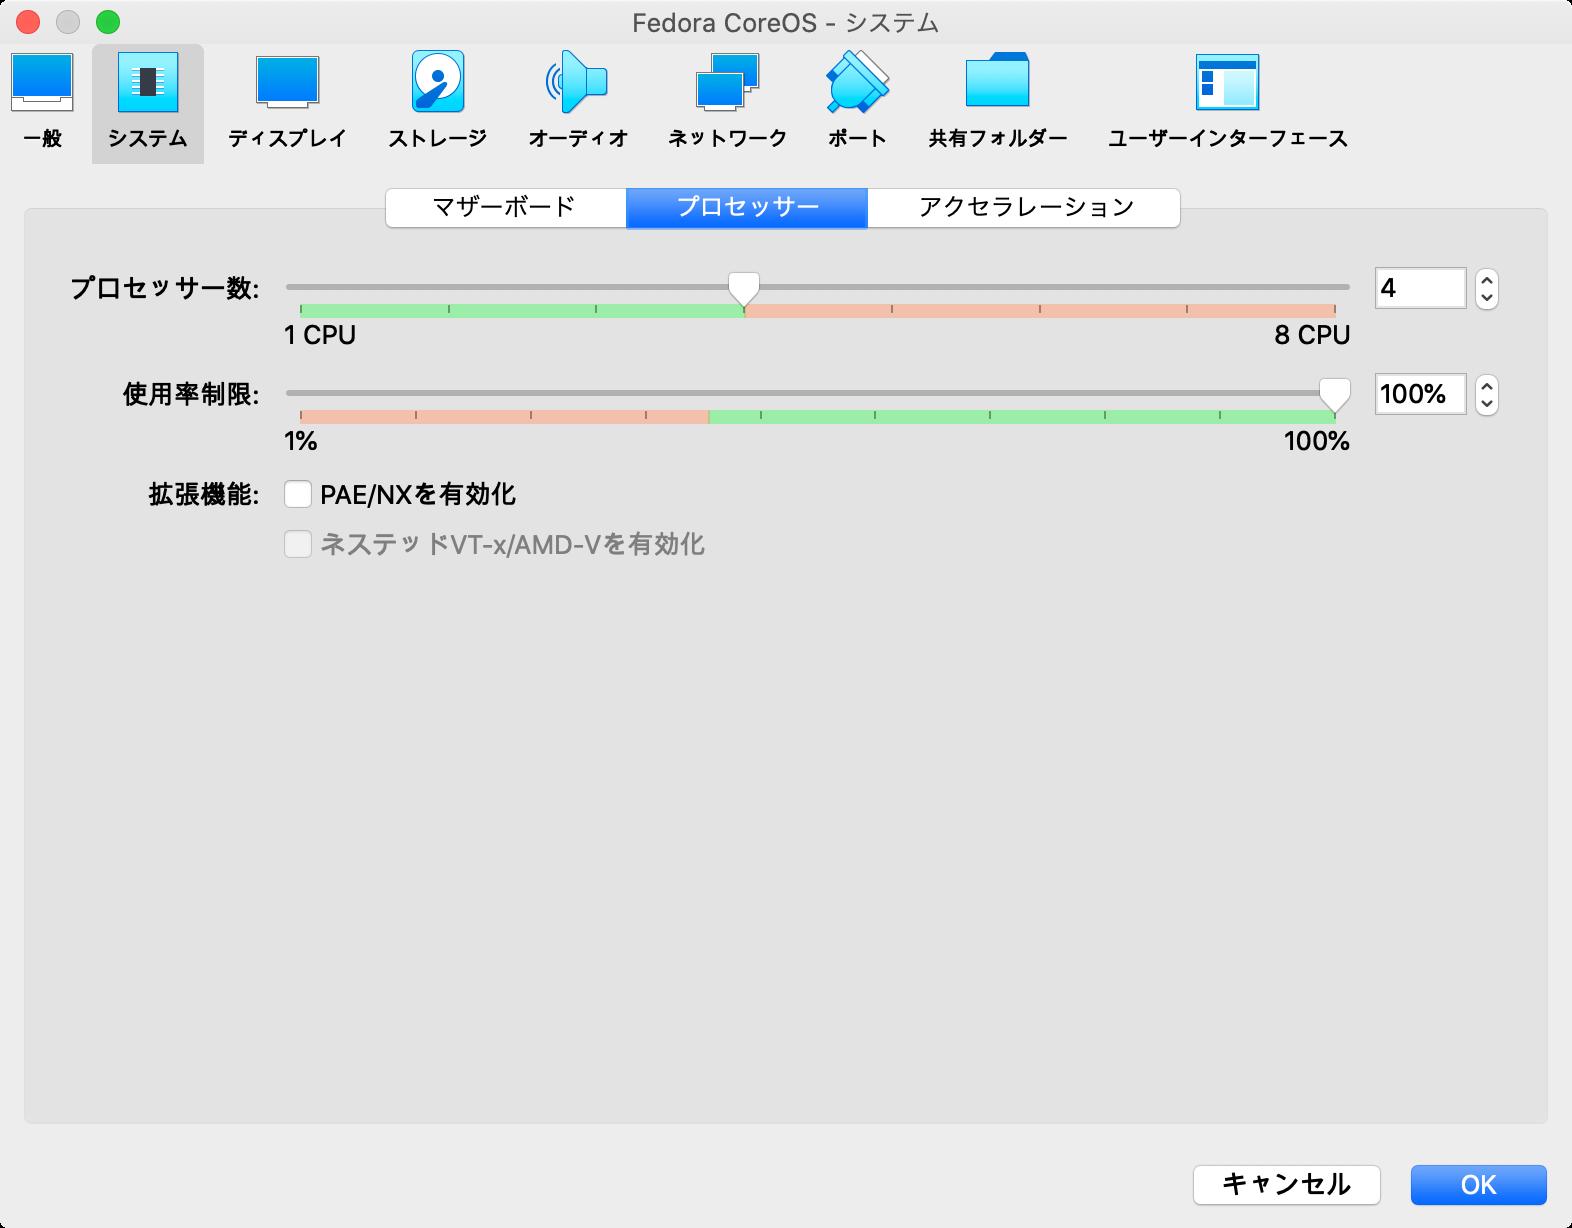 スクリーンショット 2020-09-14 18.03.28.png